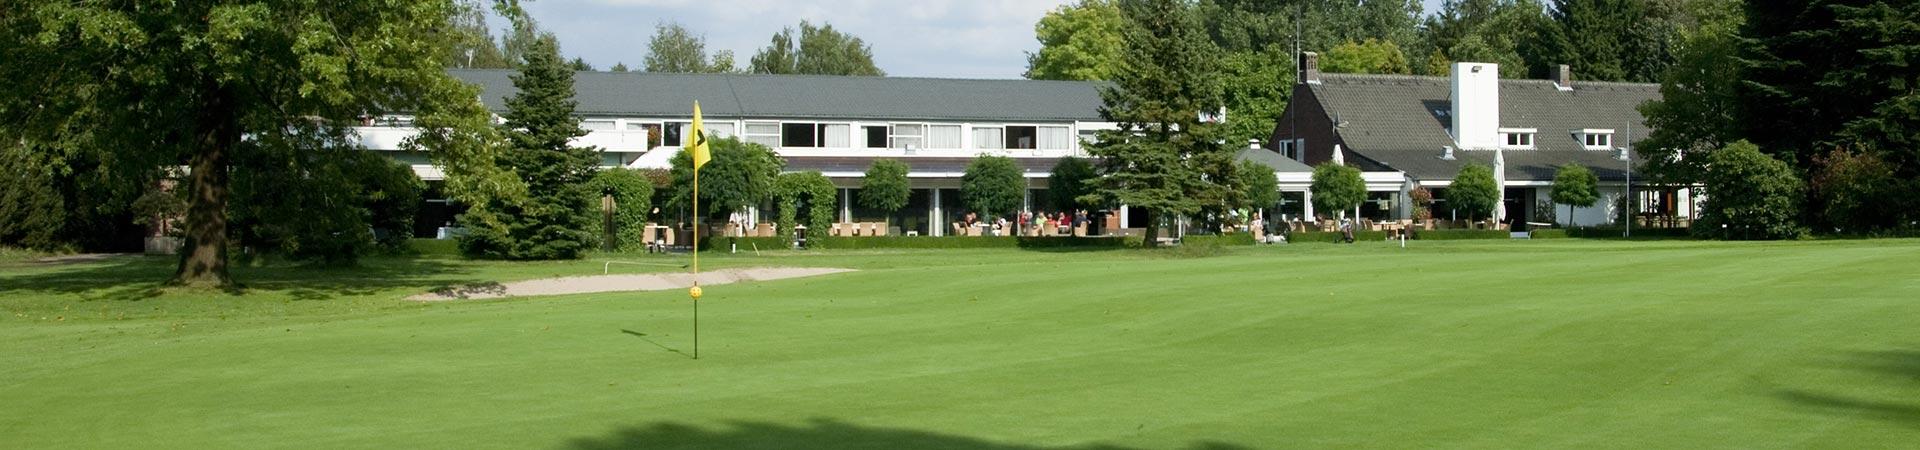 crossmoor-gebouw-golf